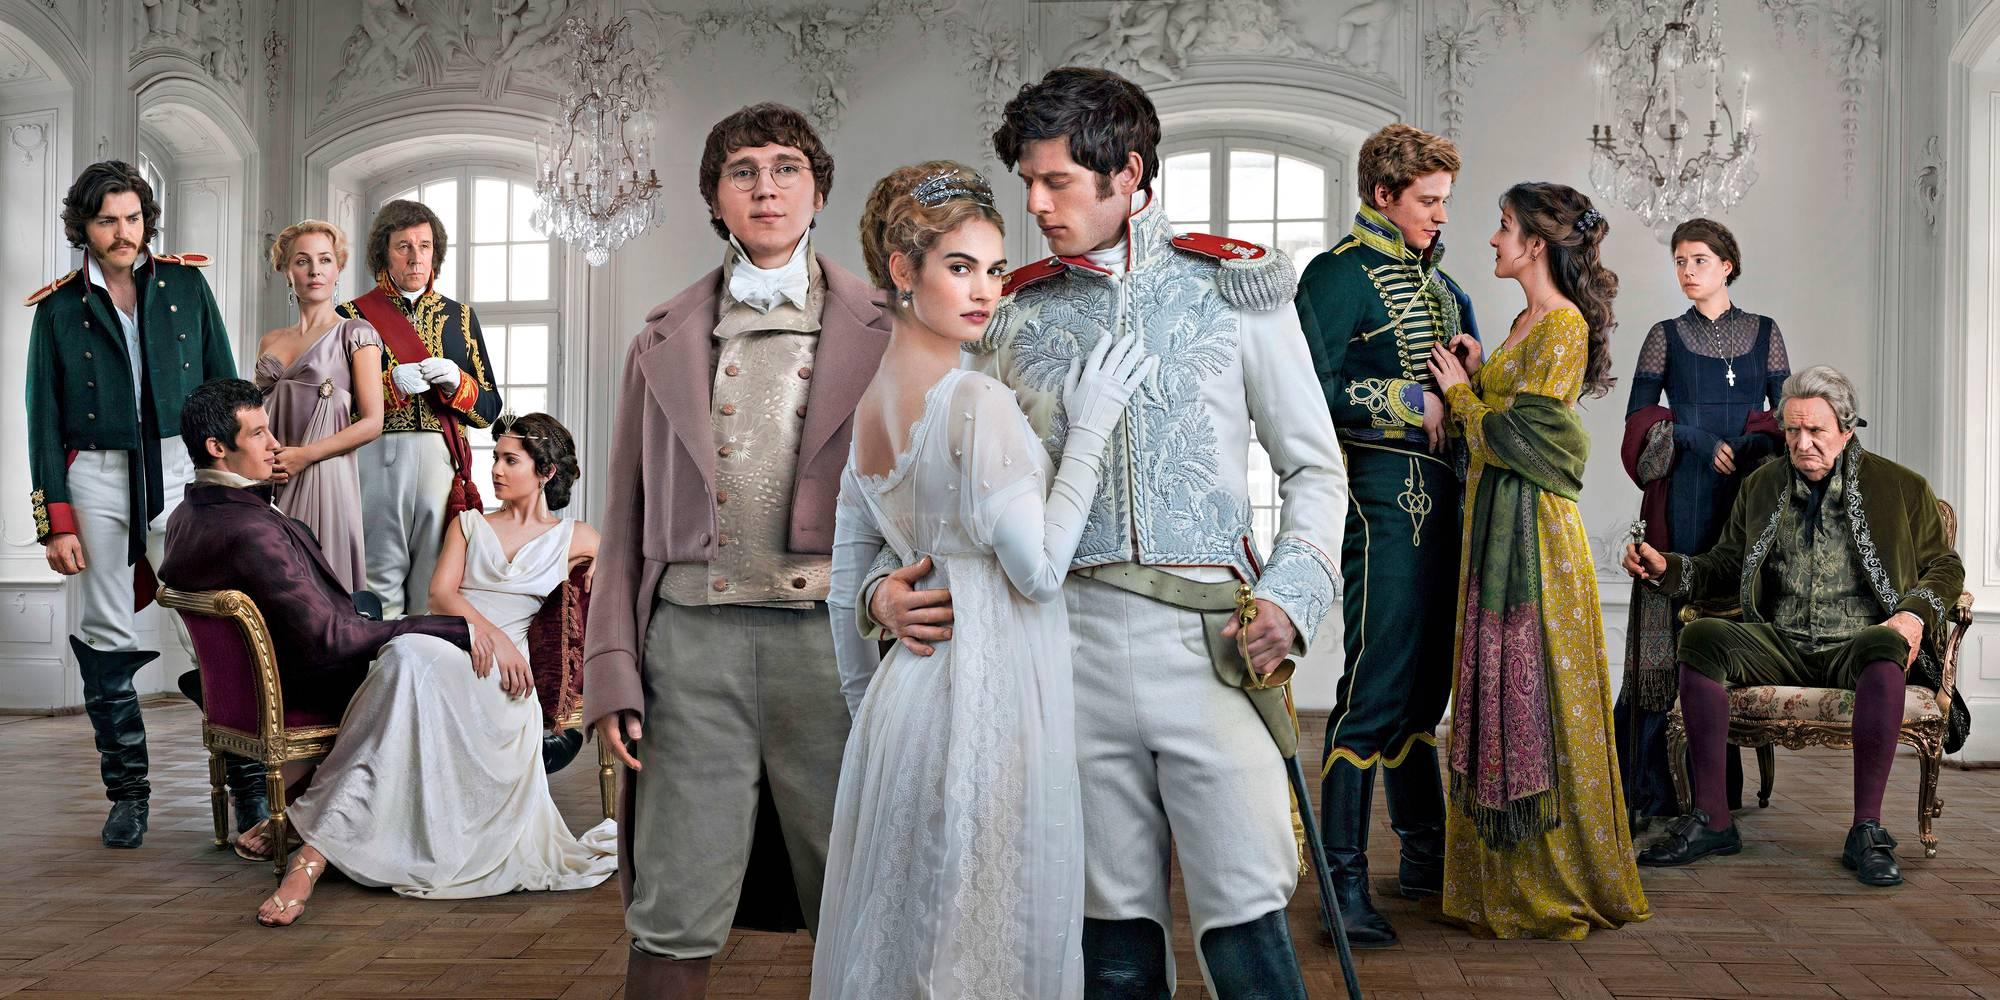 Sarja kuva suku puoli sarja kuvat täynnä